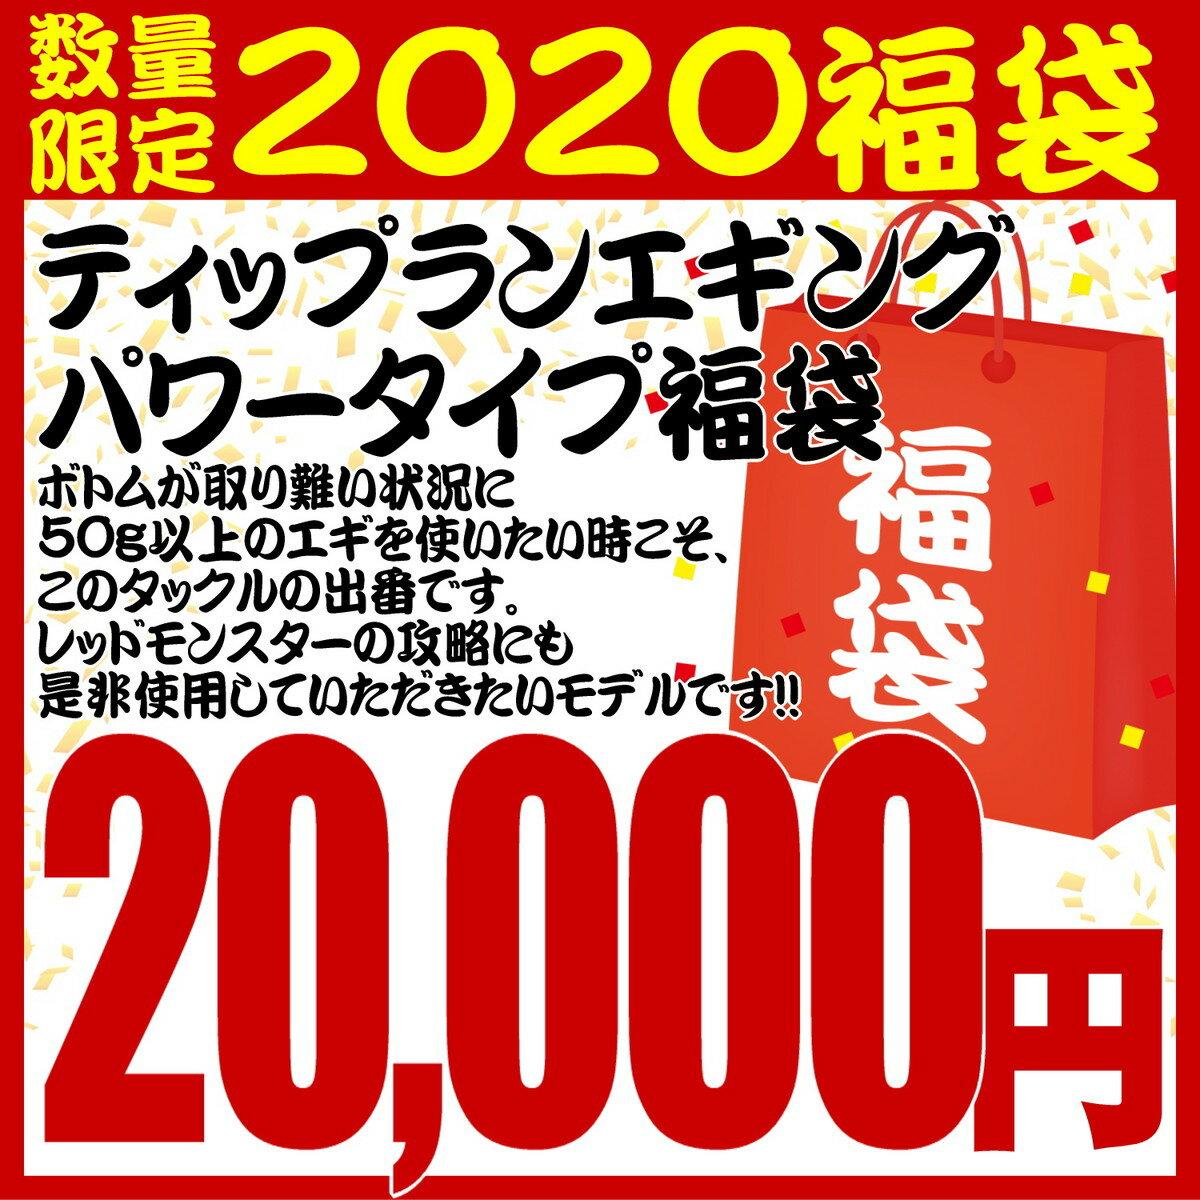 フィッシング, その他 1 202021()0:0023:59